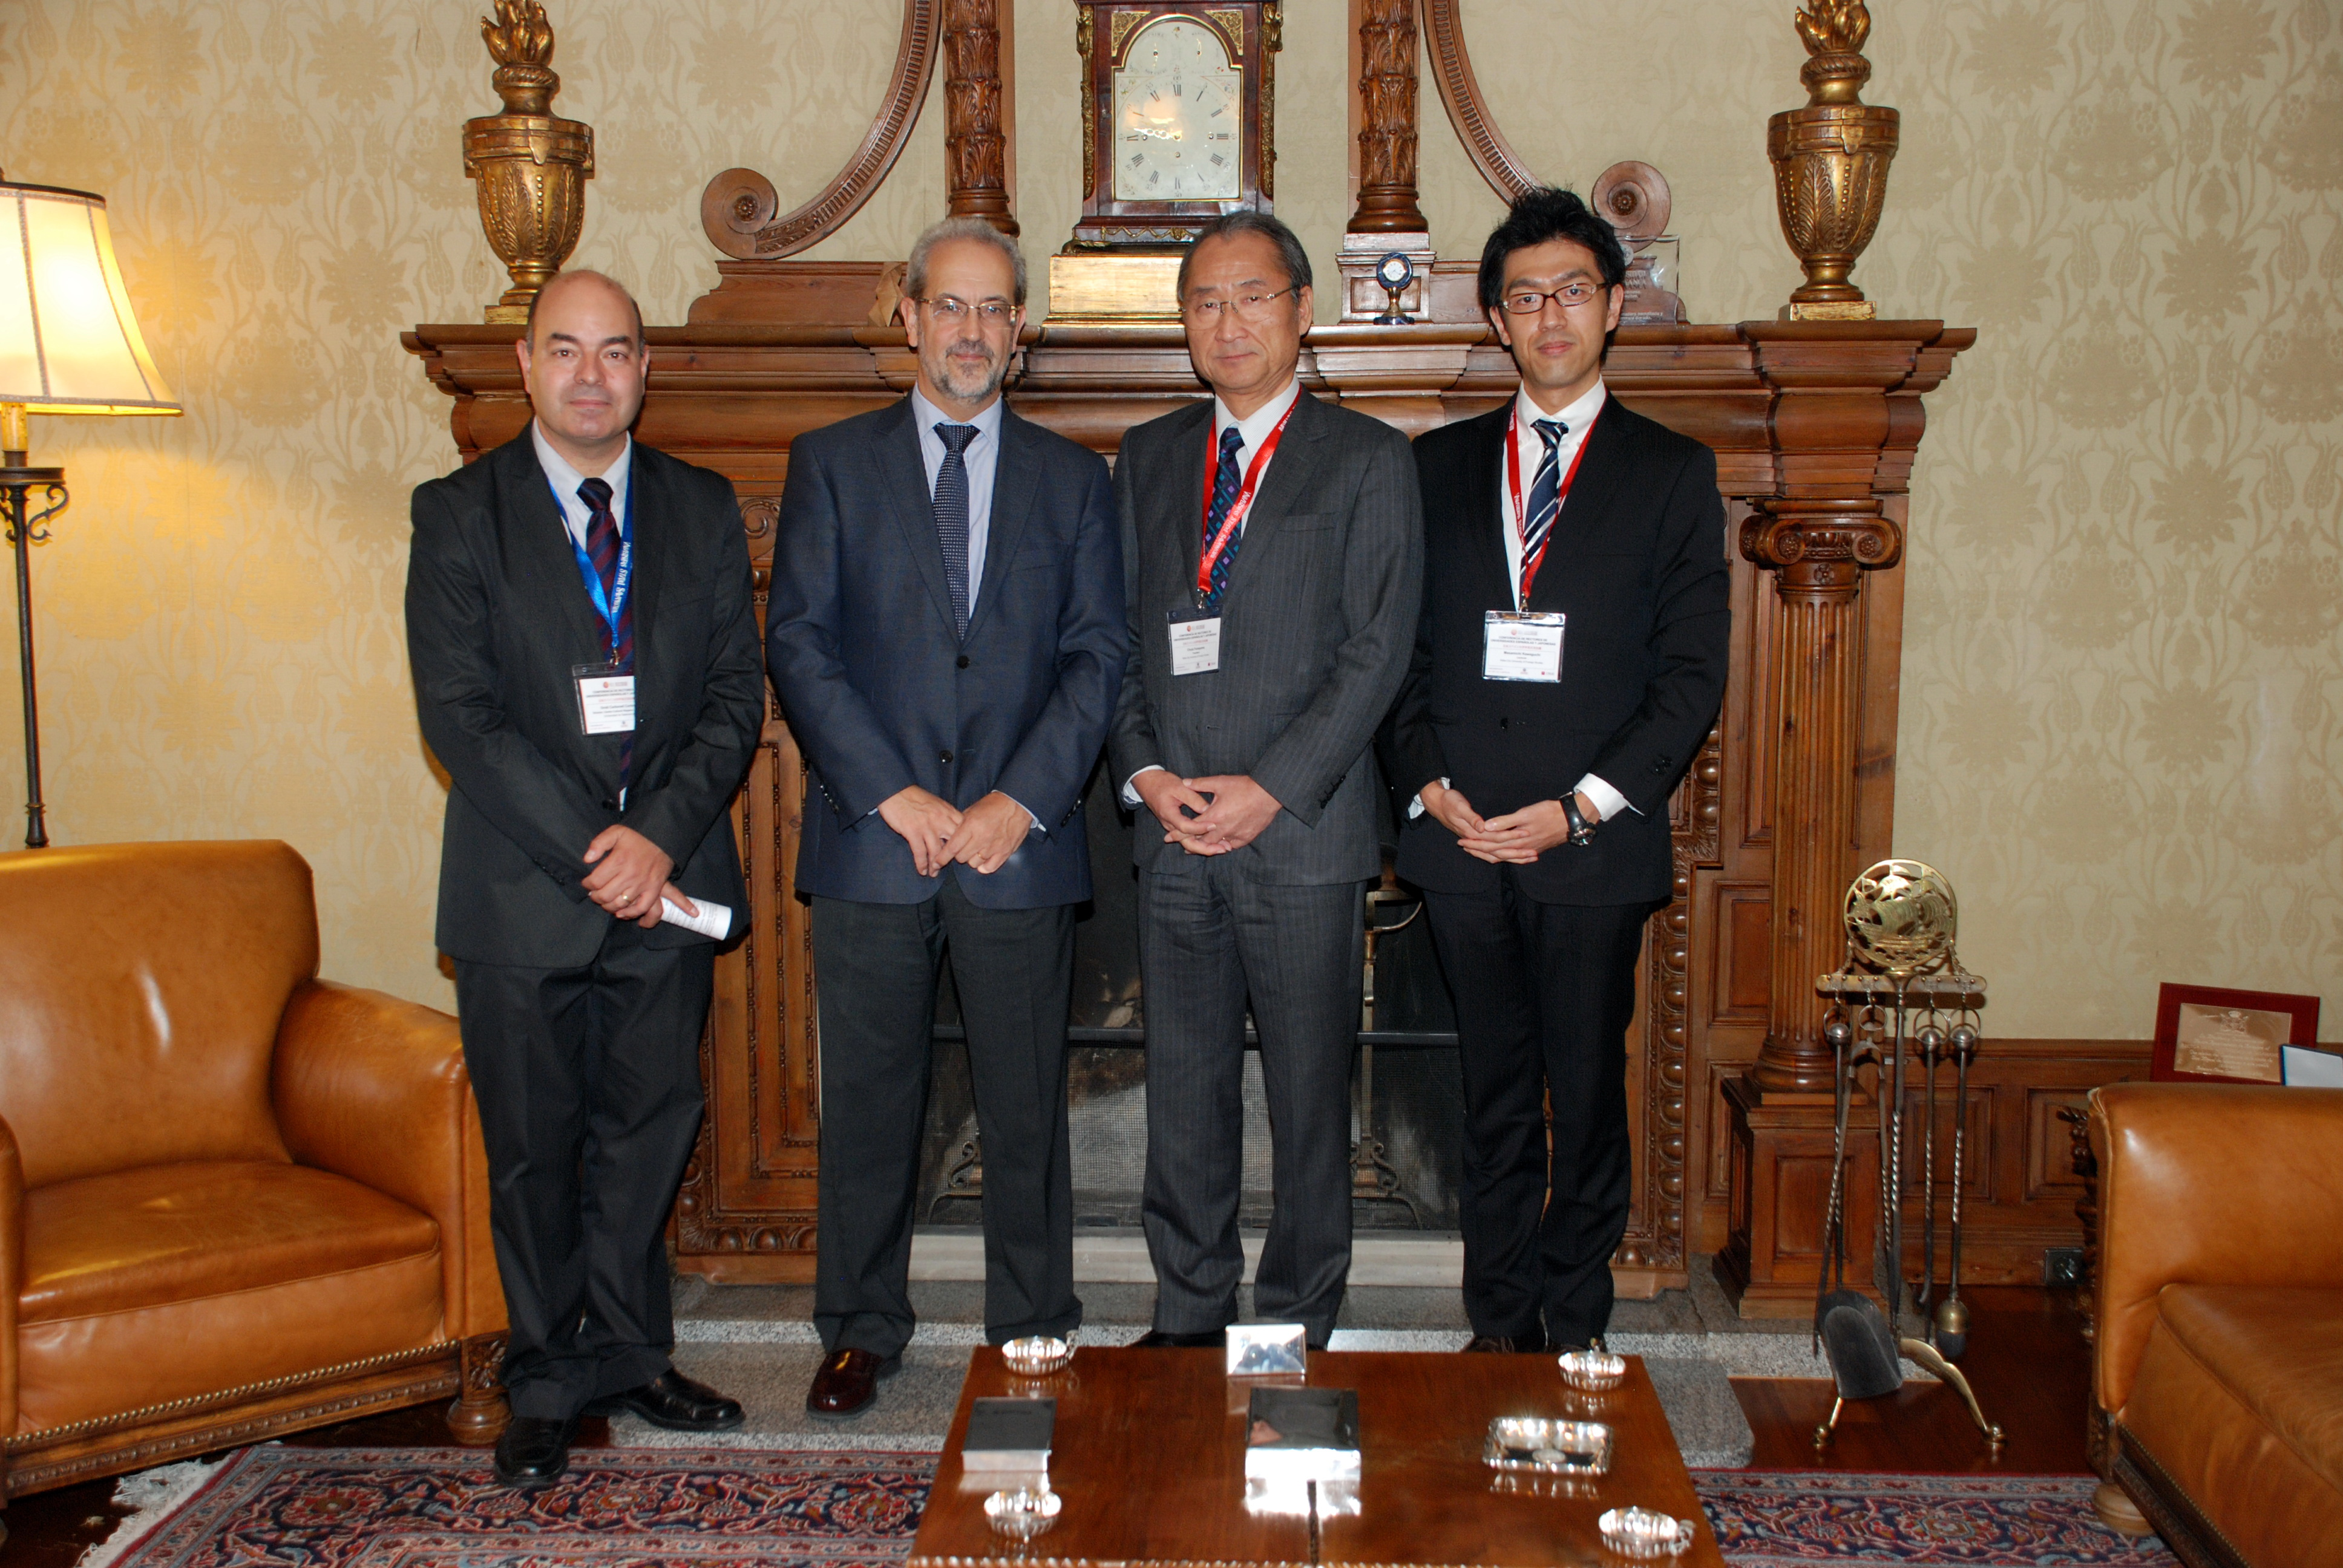 La Universidad de Salamanca ratifica los acuerdos de colaboración con las universidades japonesas de Takushoku, Nanzan y Kobe